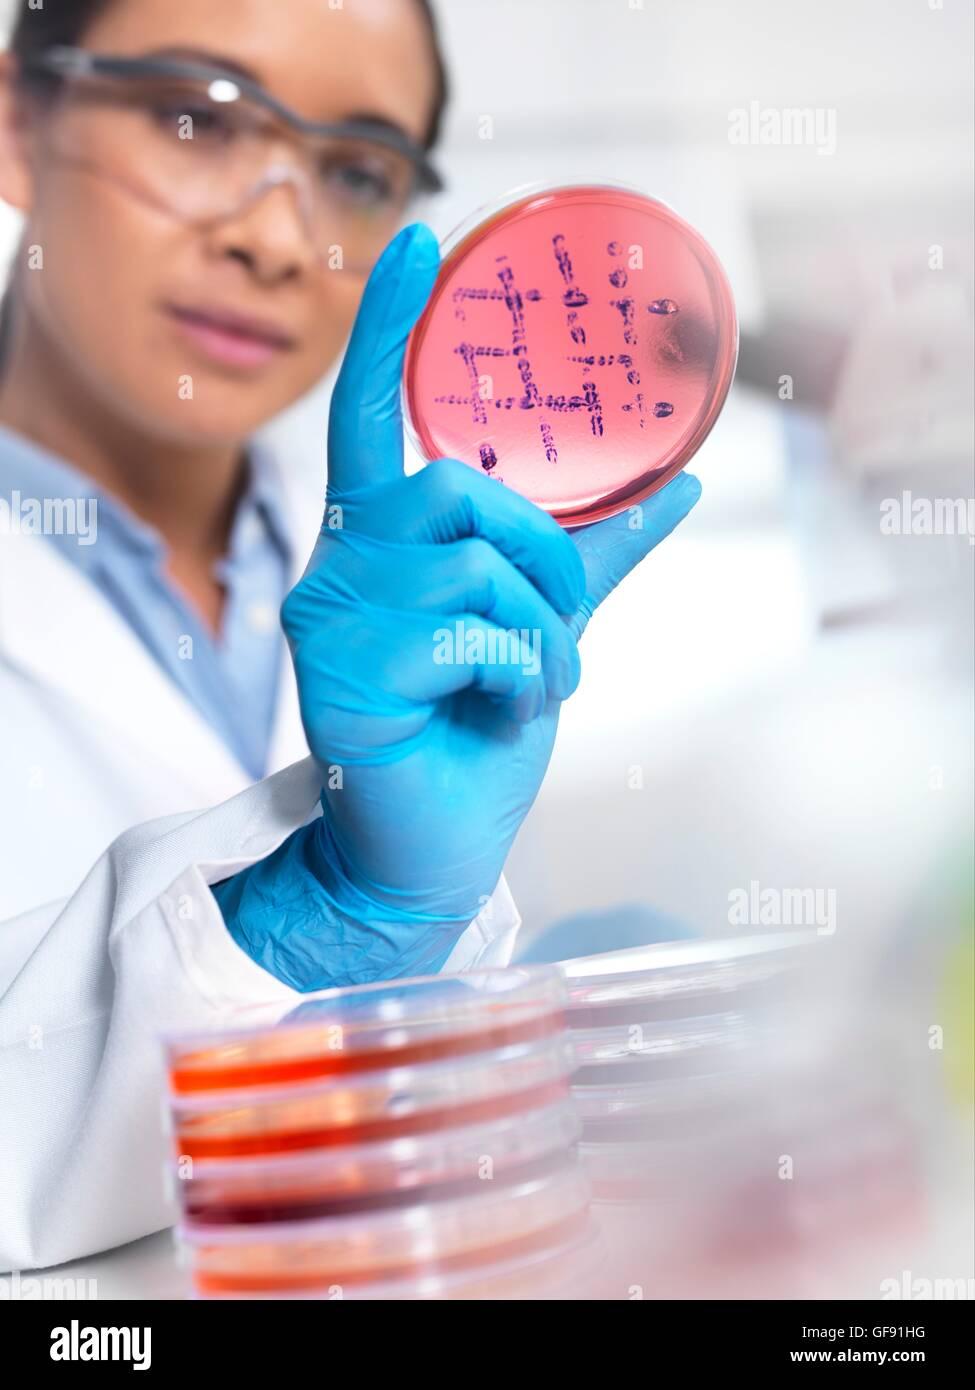 EIGENTUM FREIGEGEBEN. -MODELL VERÖFFENTLICHT. Wissenschaftler untersuchen mikrobiologische Kulturen in einer Petrischale. Stockfoto